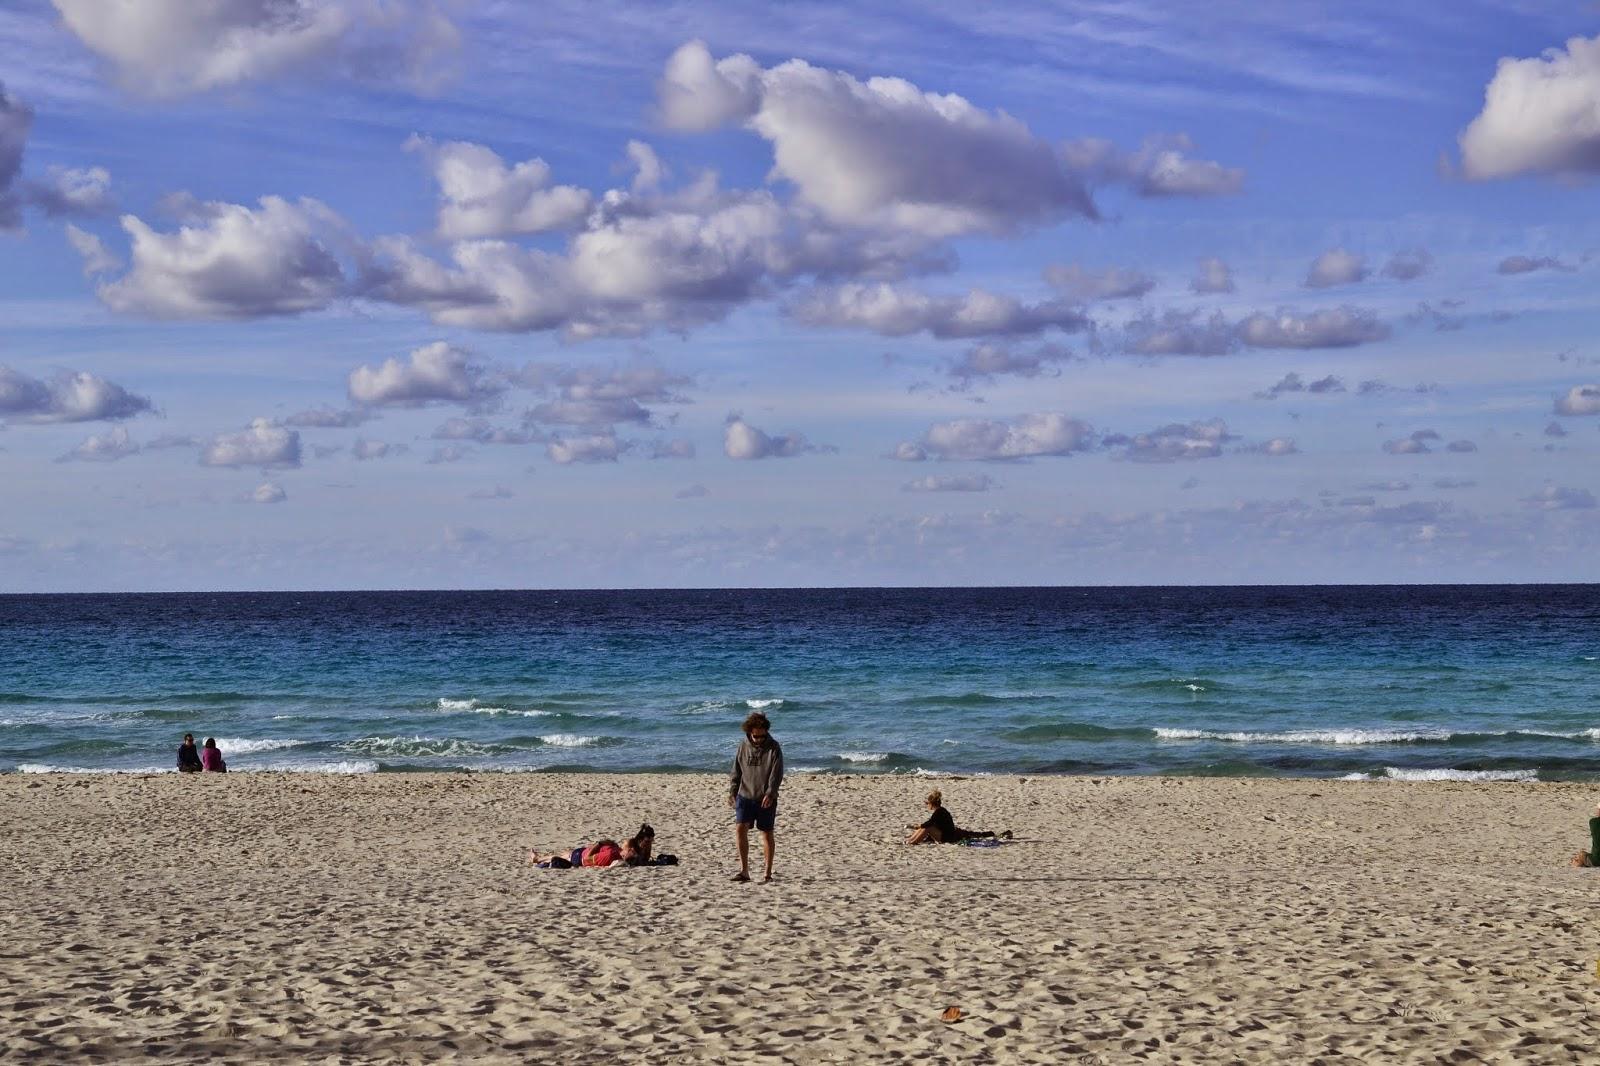 Tatil Olanaklarını Vizesiz Ülkelerde Geçirme Şansı